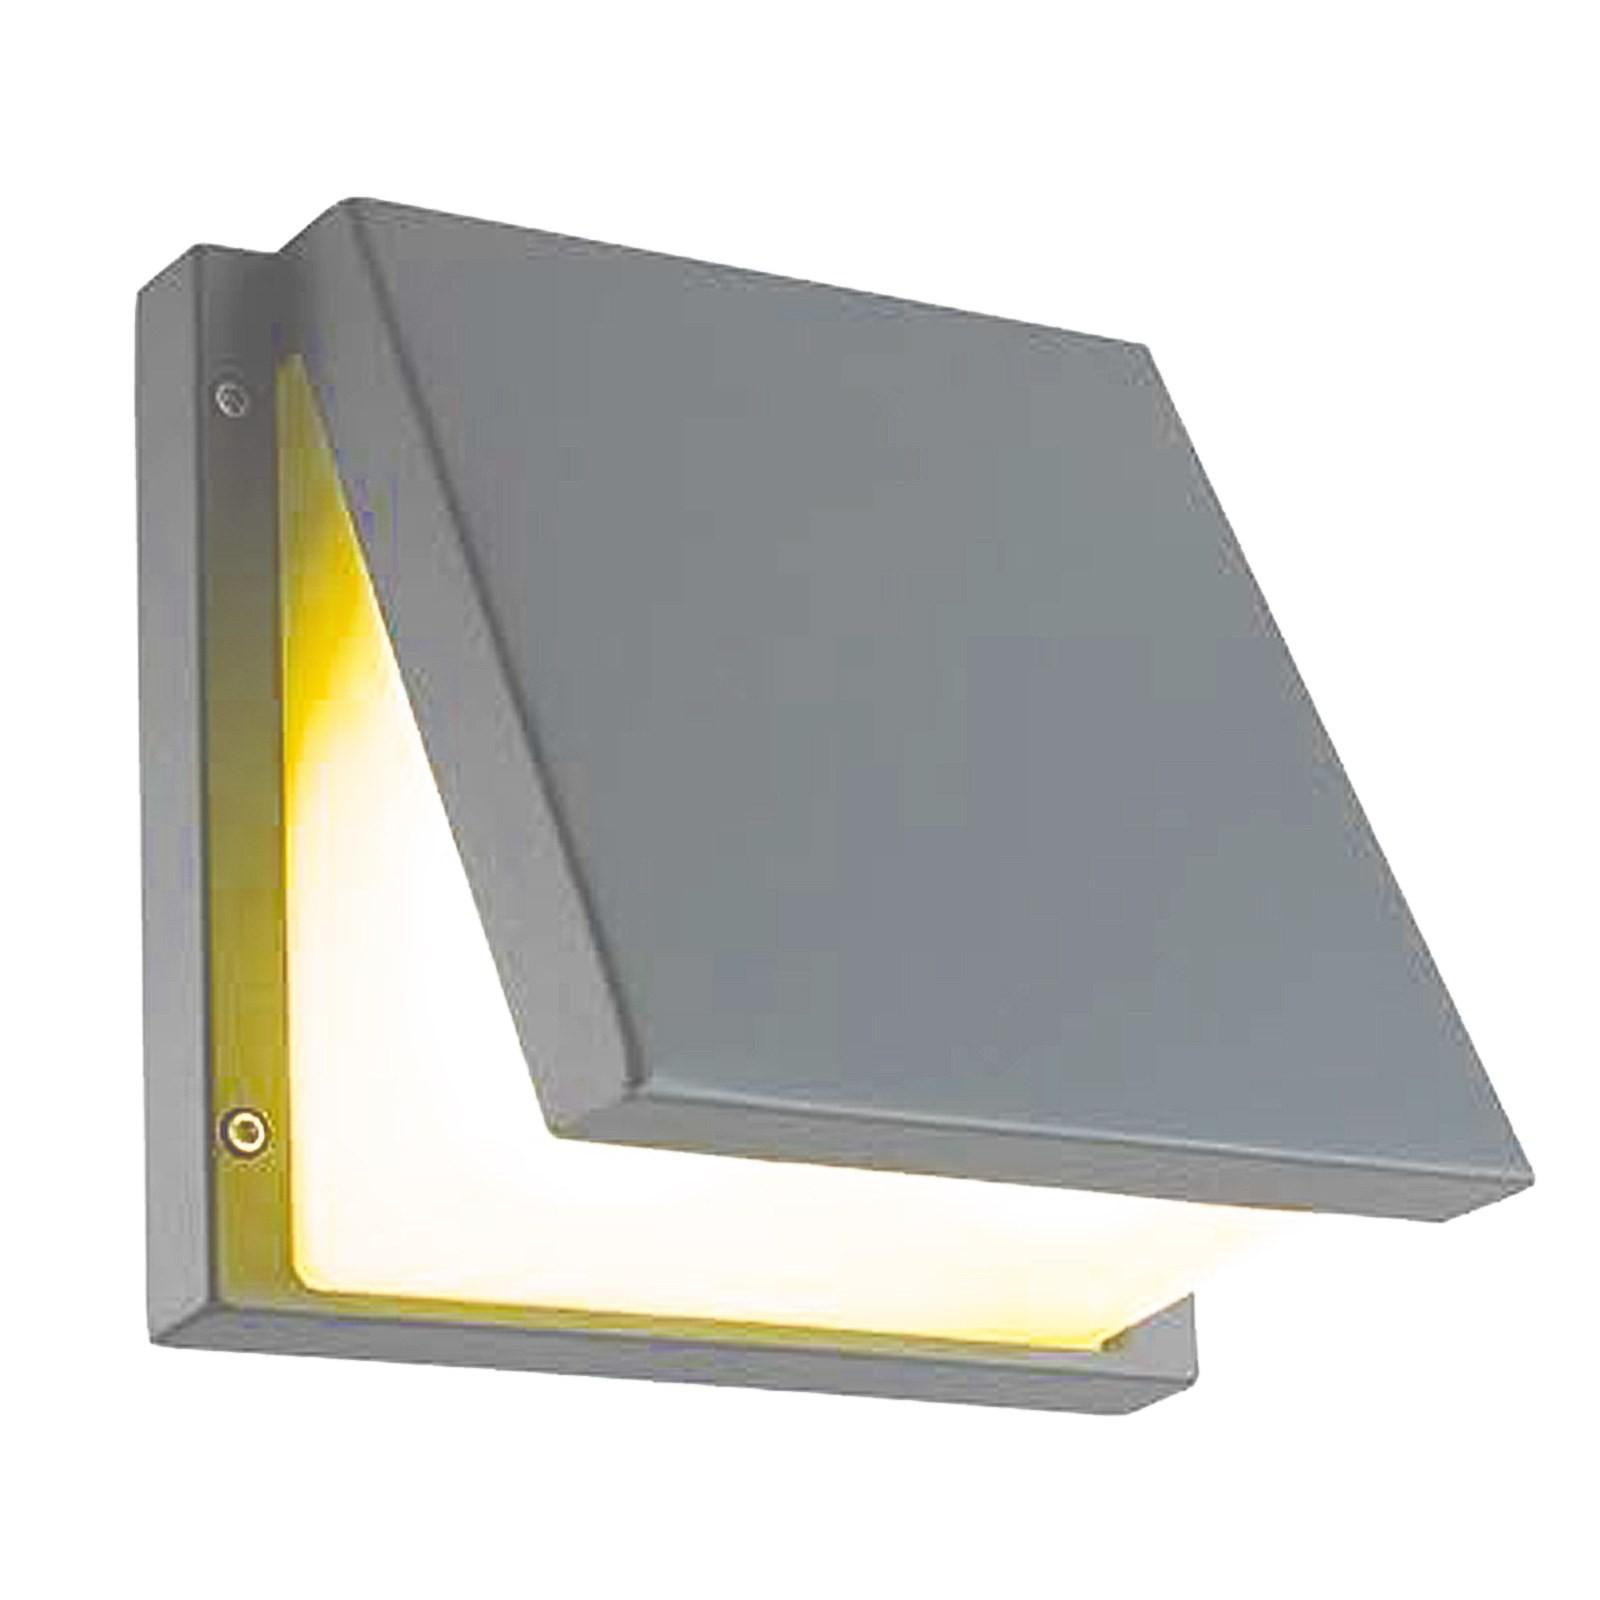 Lampada Esterno Plafoniera Applique Led E27 Parete Giardino Grigio LIGHT Desi...